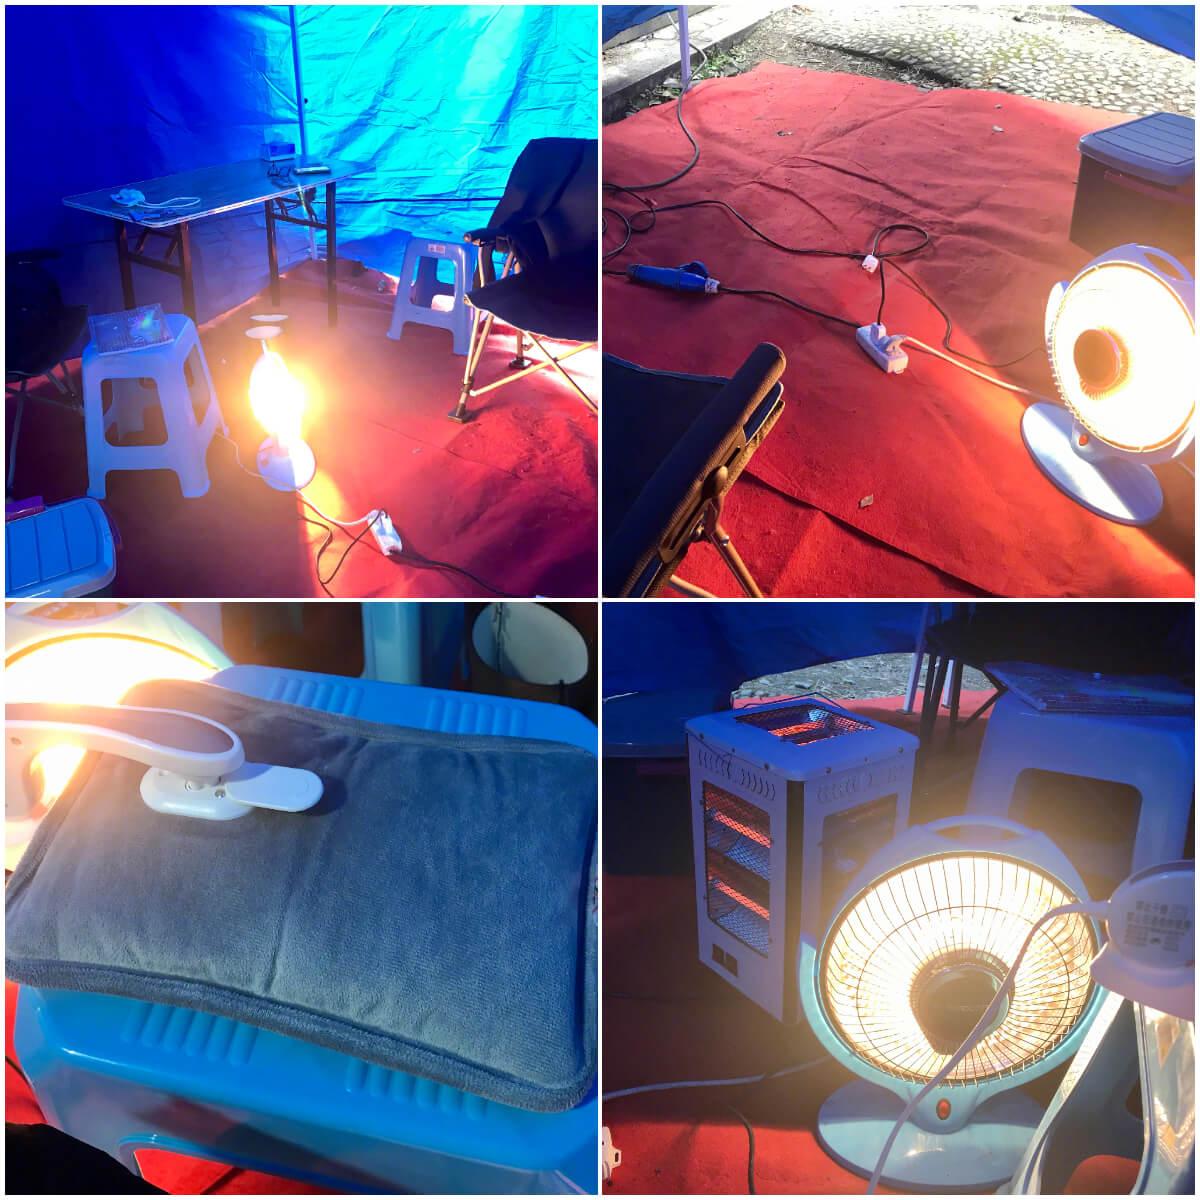 劇組在帳篷內準備了御寒保暖的用品,如暖風機、暖貼、充電暖手套、毛氈等等,令歐陽震華倍感窩心。